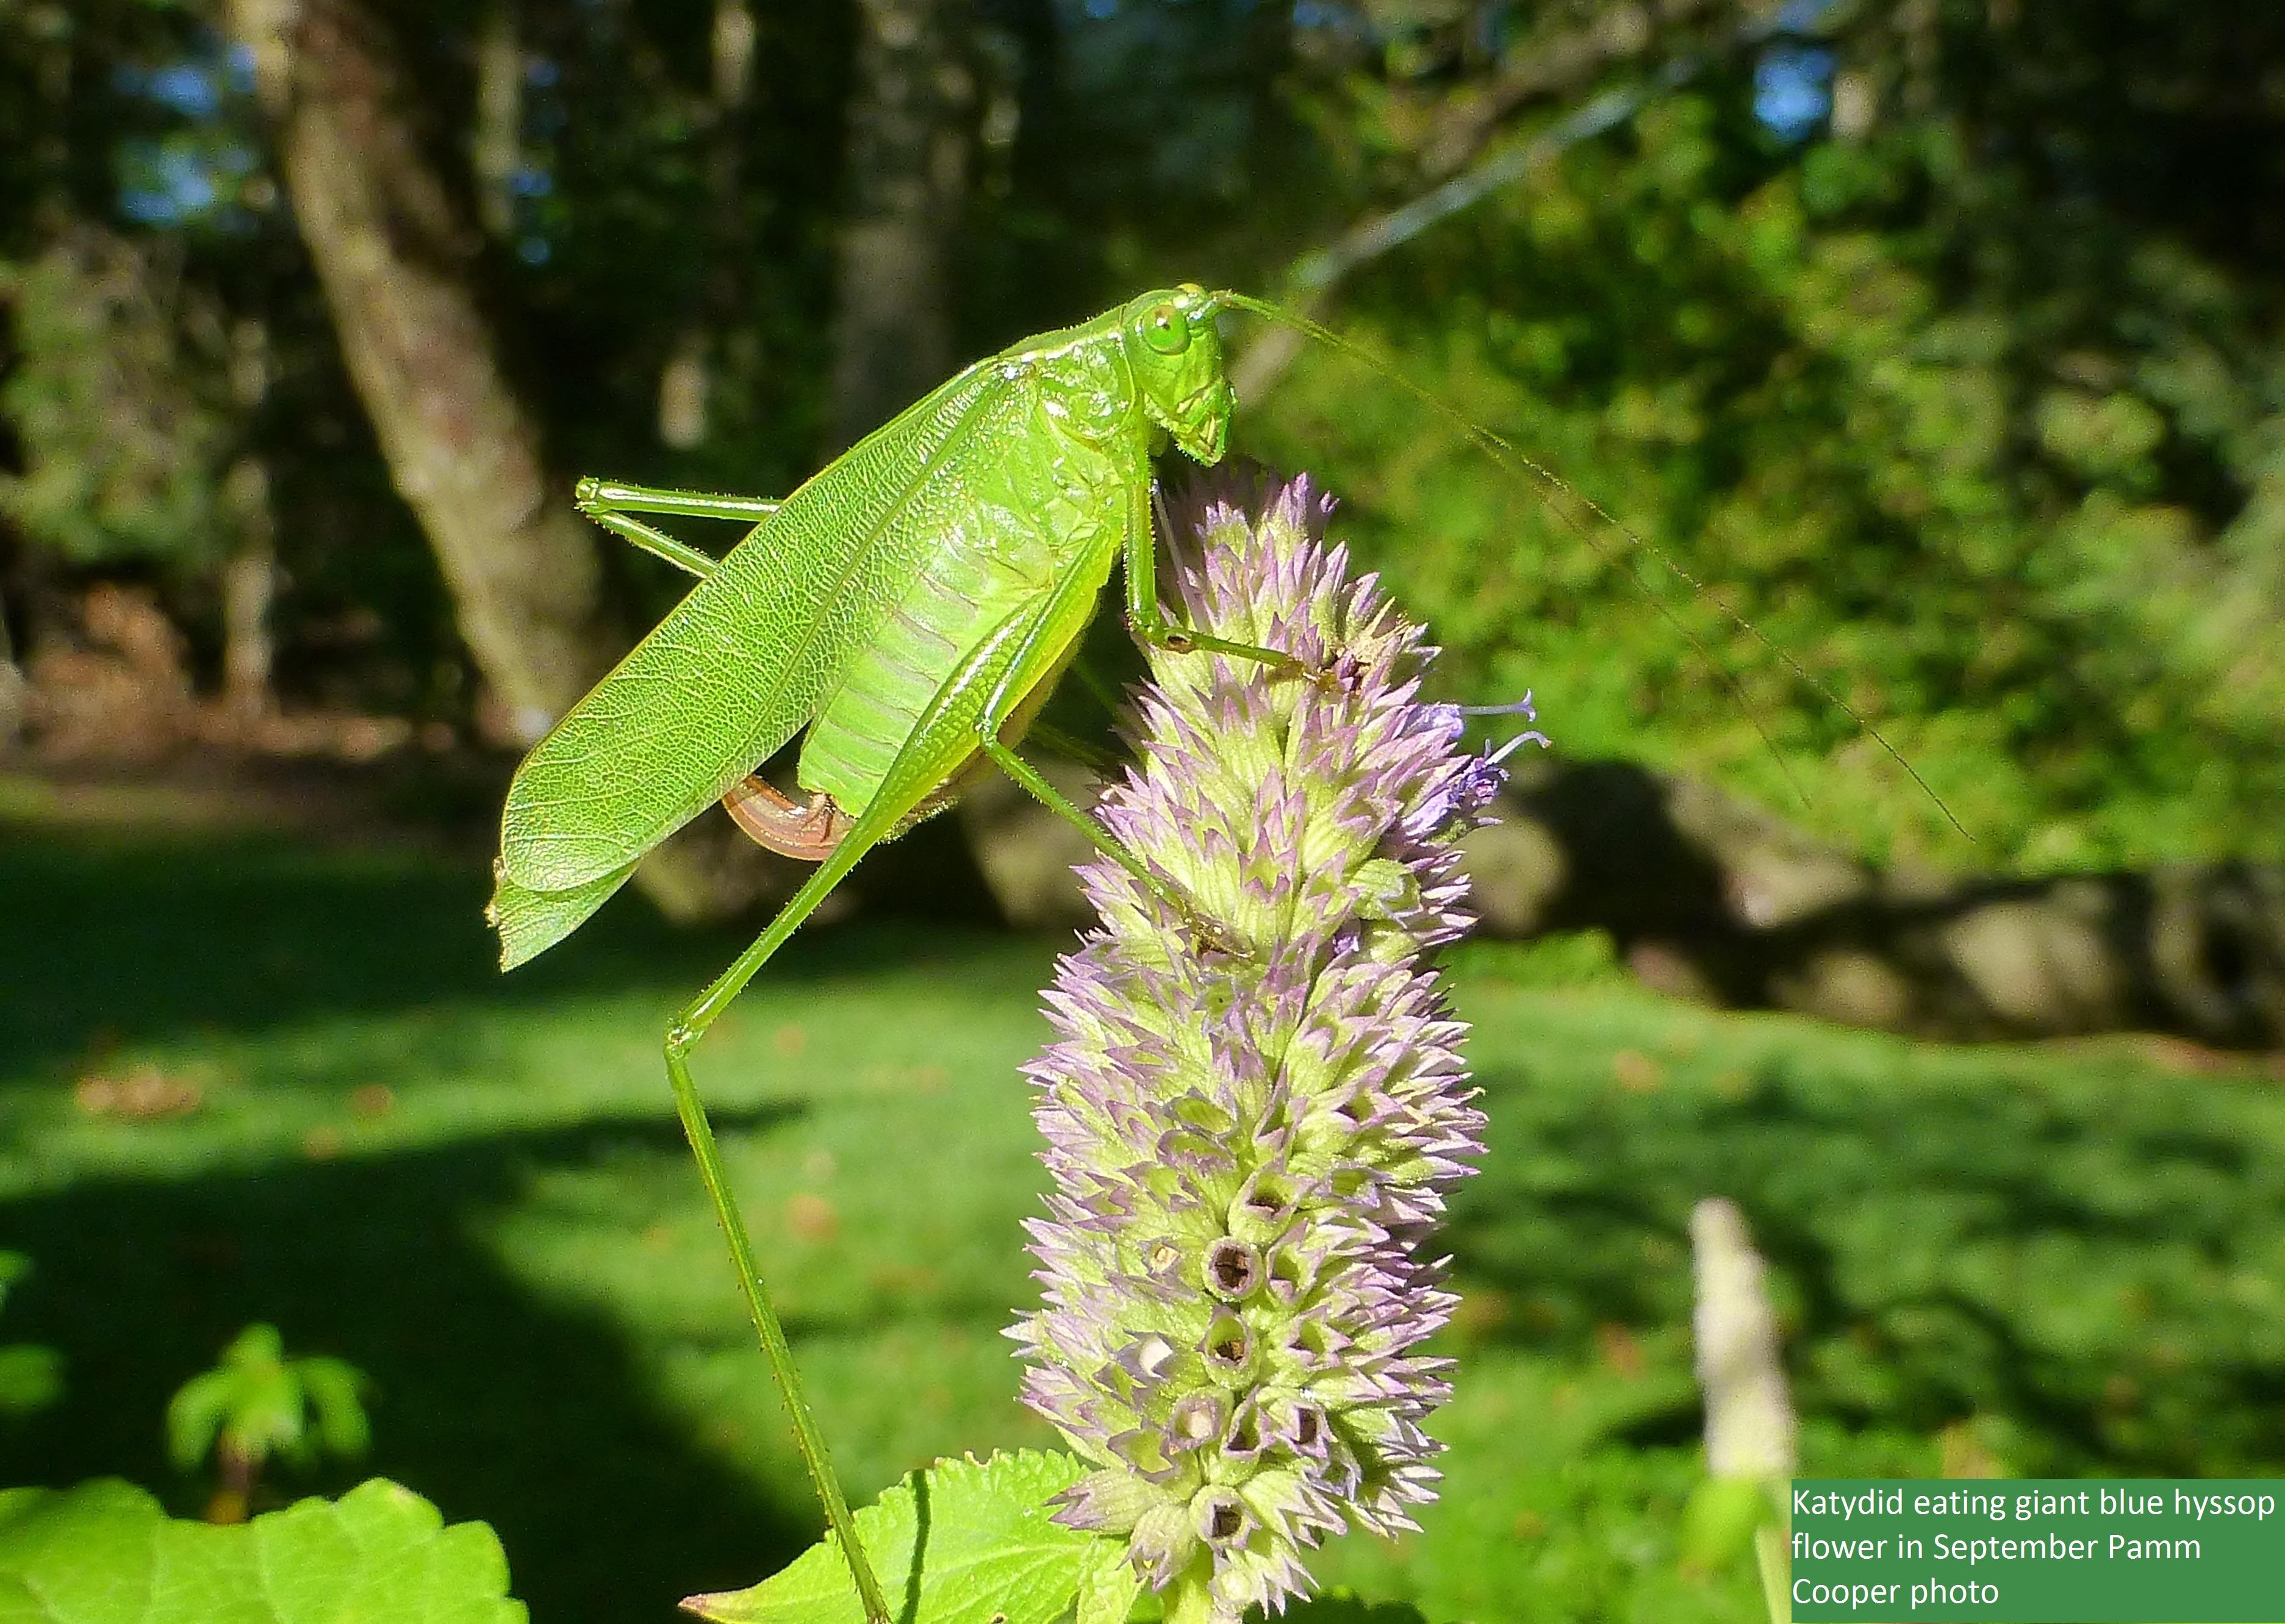 katydid eating hyssop flowers in September